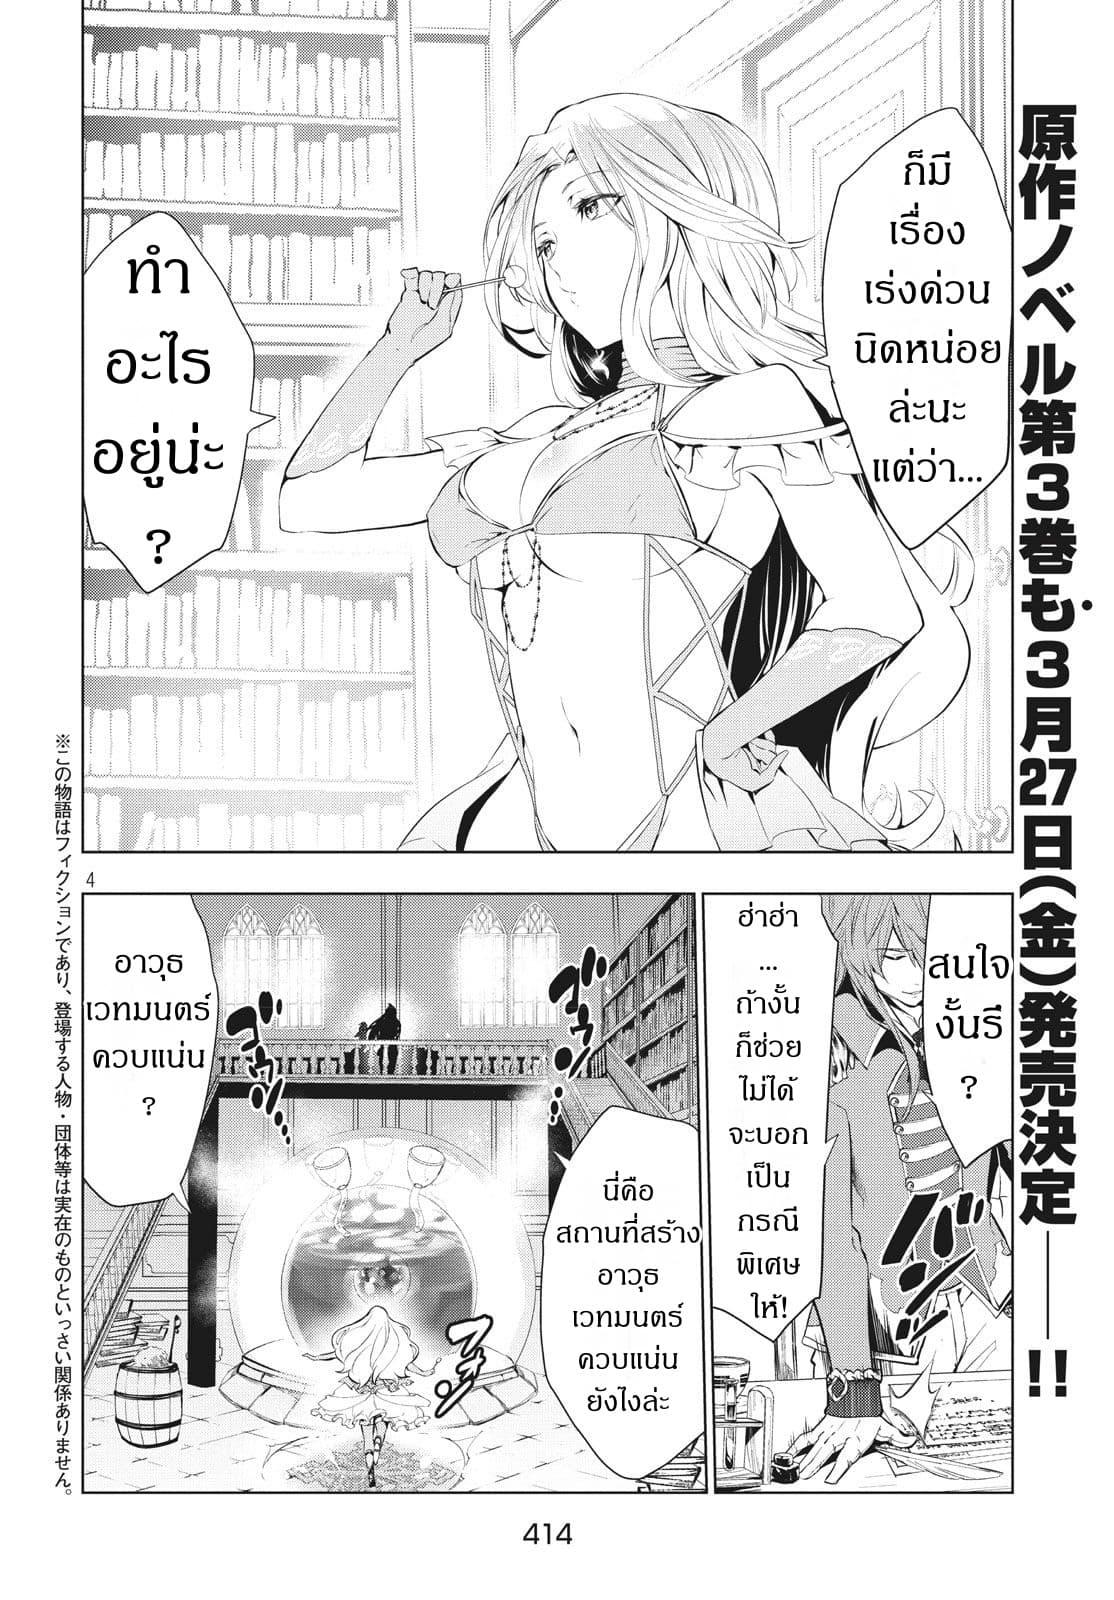 อ่านการ์ตูน Kaiko sareta Ankoku Heishi (30-dai) no Slow na Second ตอนที่ 7.1 หน้าที่ 3